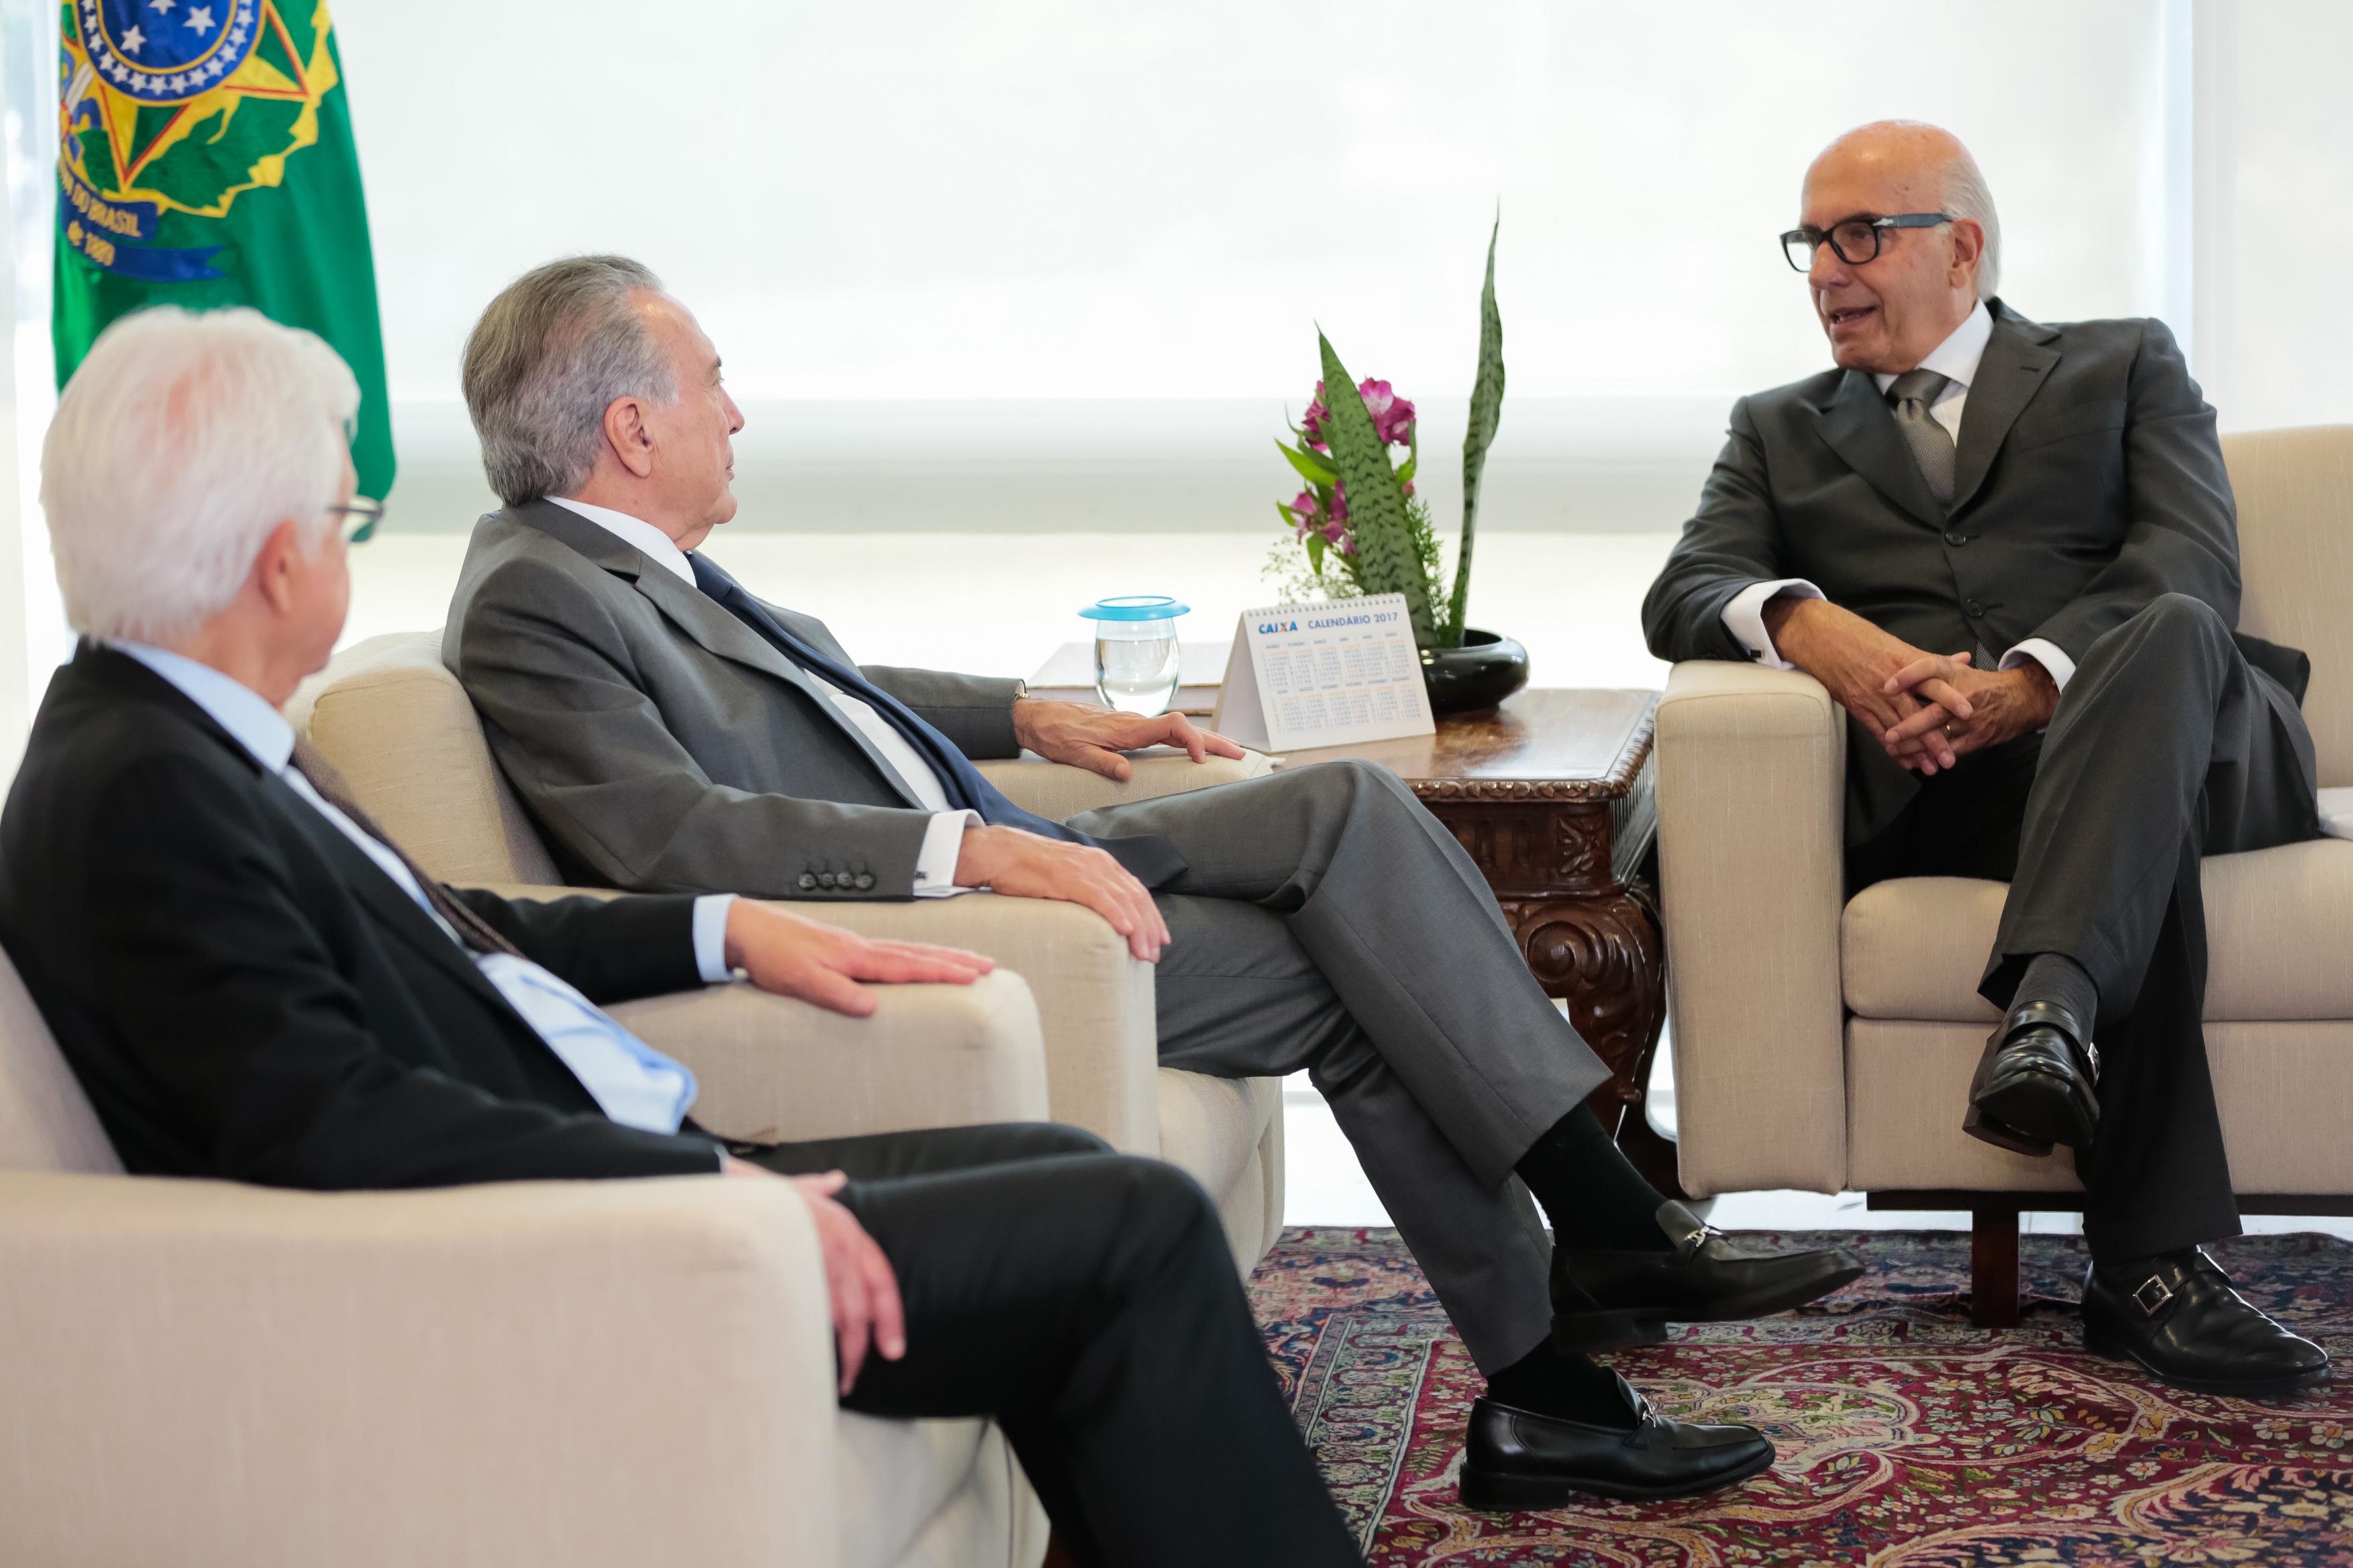 Luiz Ildefonso Simões Lopes   Brookfield Brasil   Luiz Ildefonso Simões Lopes, CEO da Brookfield Brasil, encontrou-se com o atual Presidente da República Michel Temer